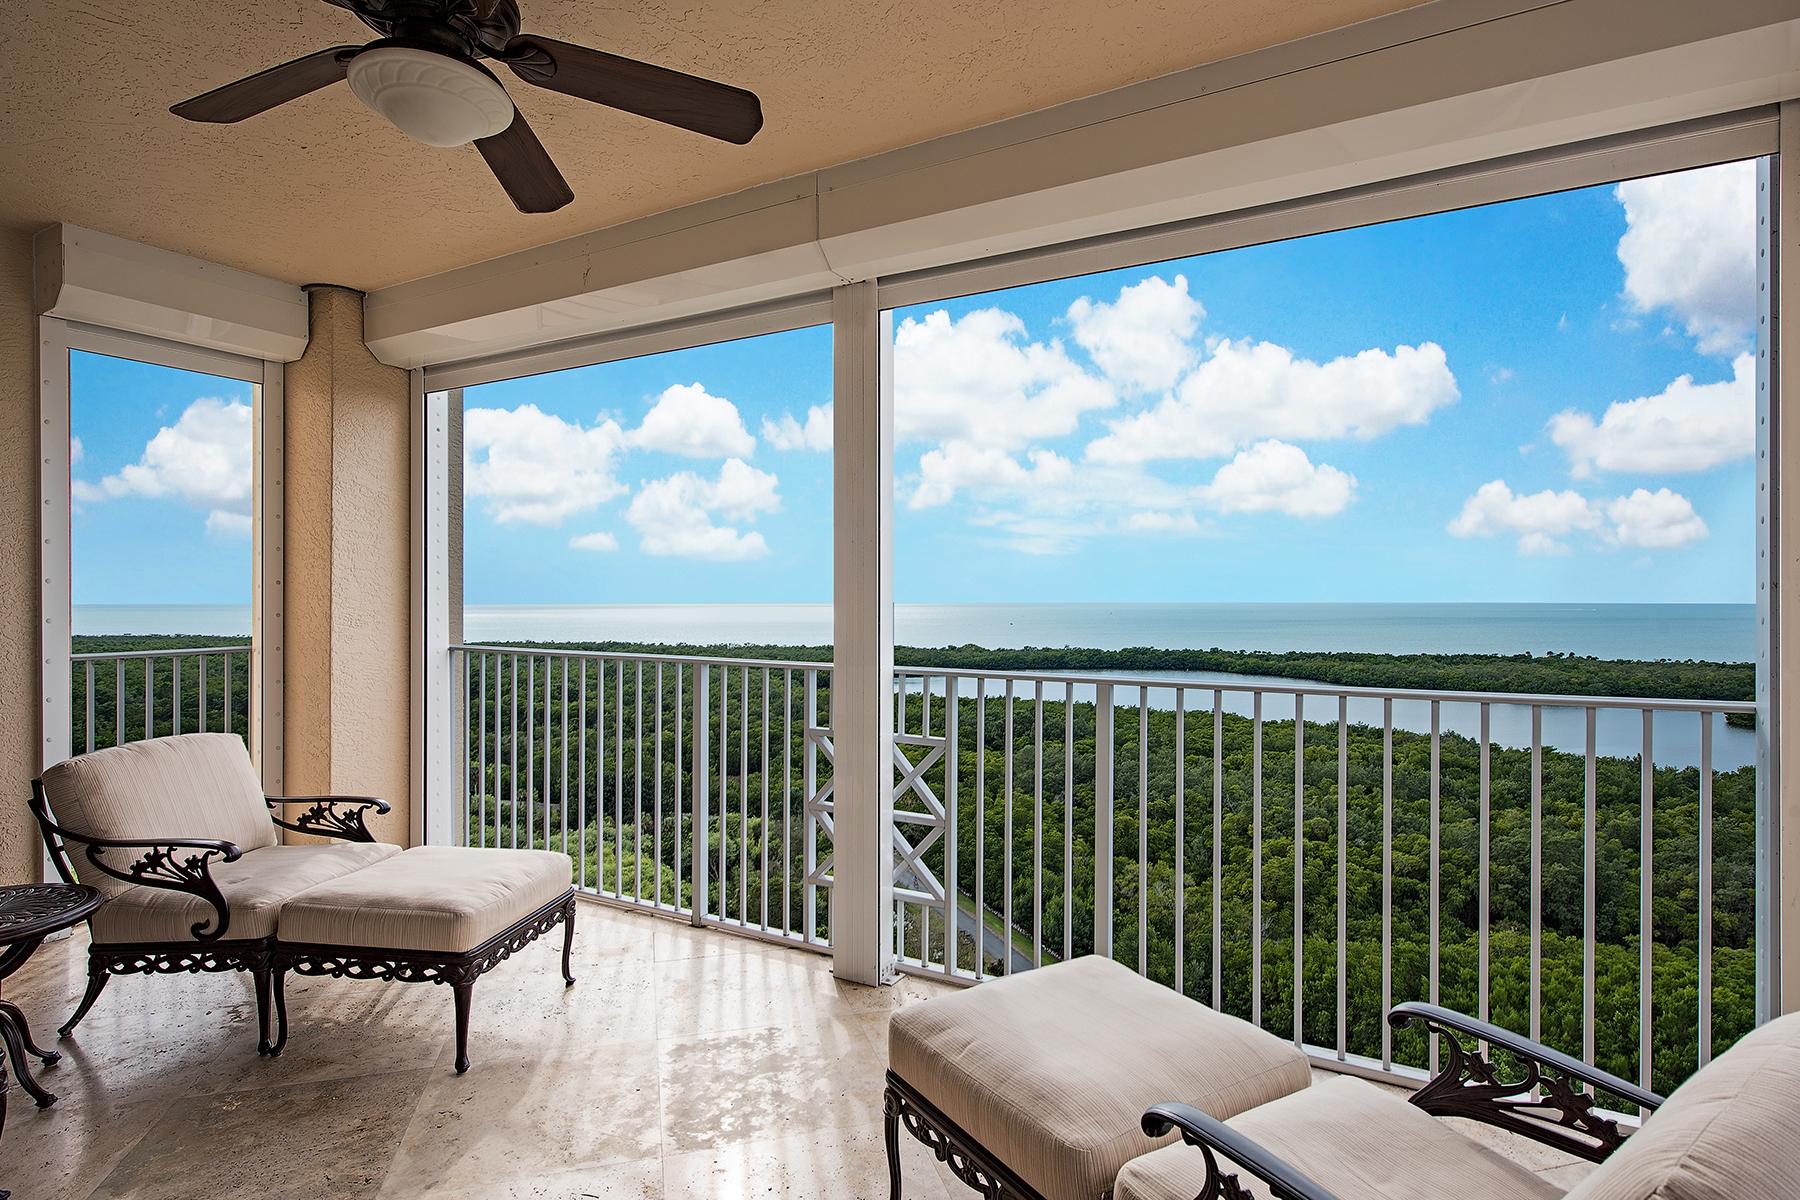 Condominium for Sale at 6597 Nicholas Blvd , 1606, Naples, FL 34108 6597 Nicholas Blvd 1606, Naples, Florida 34108 United States